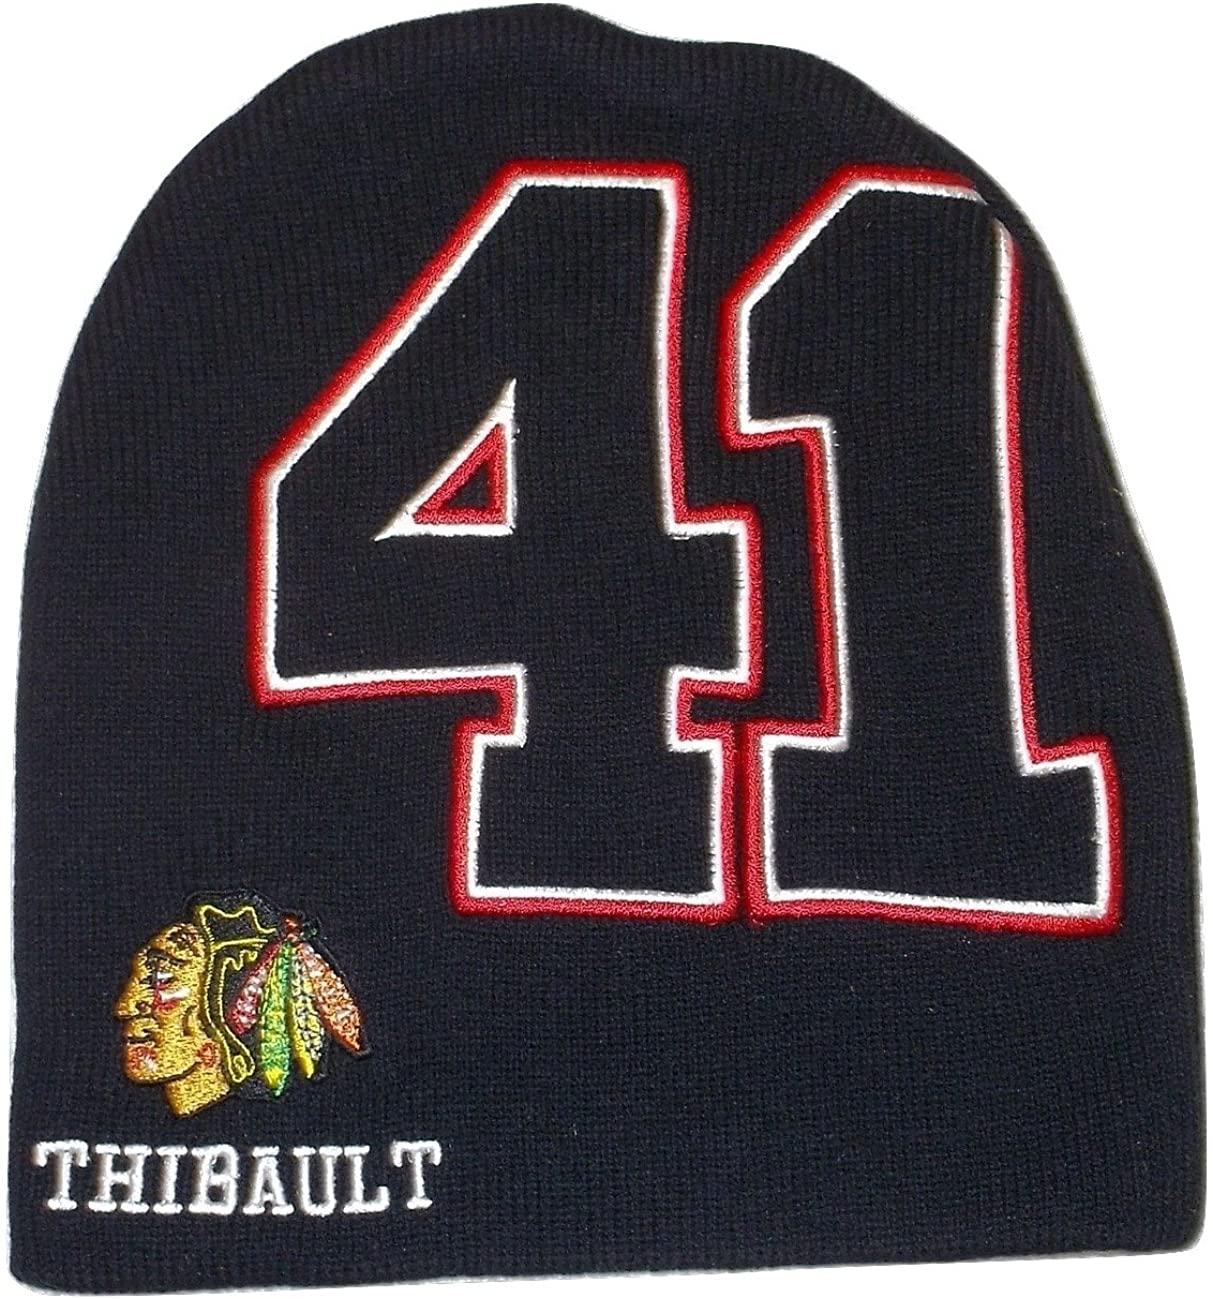 Chicago Blackhawks NHL Beanie Toque Cuffess Knit Hat Cap #41 Thibault Youth